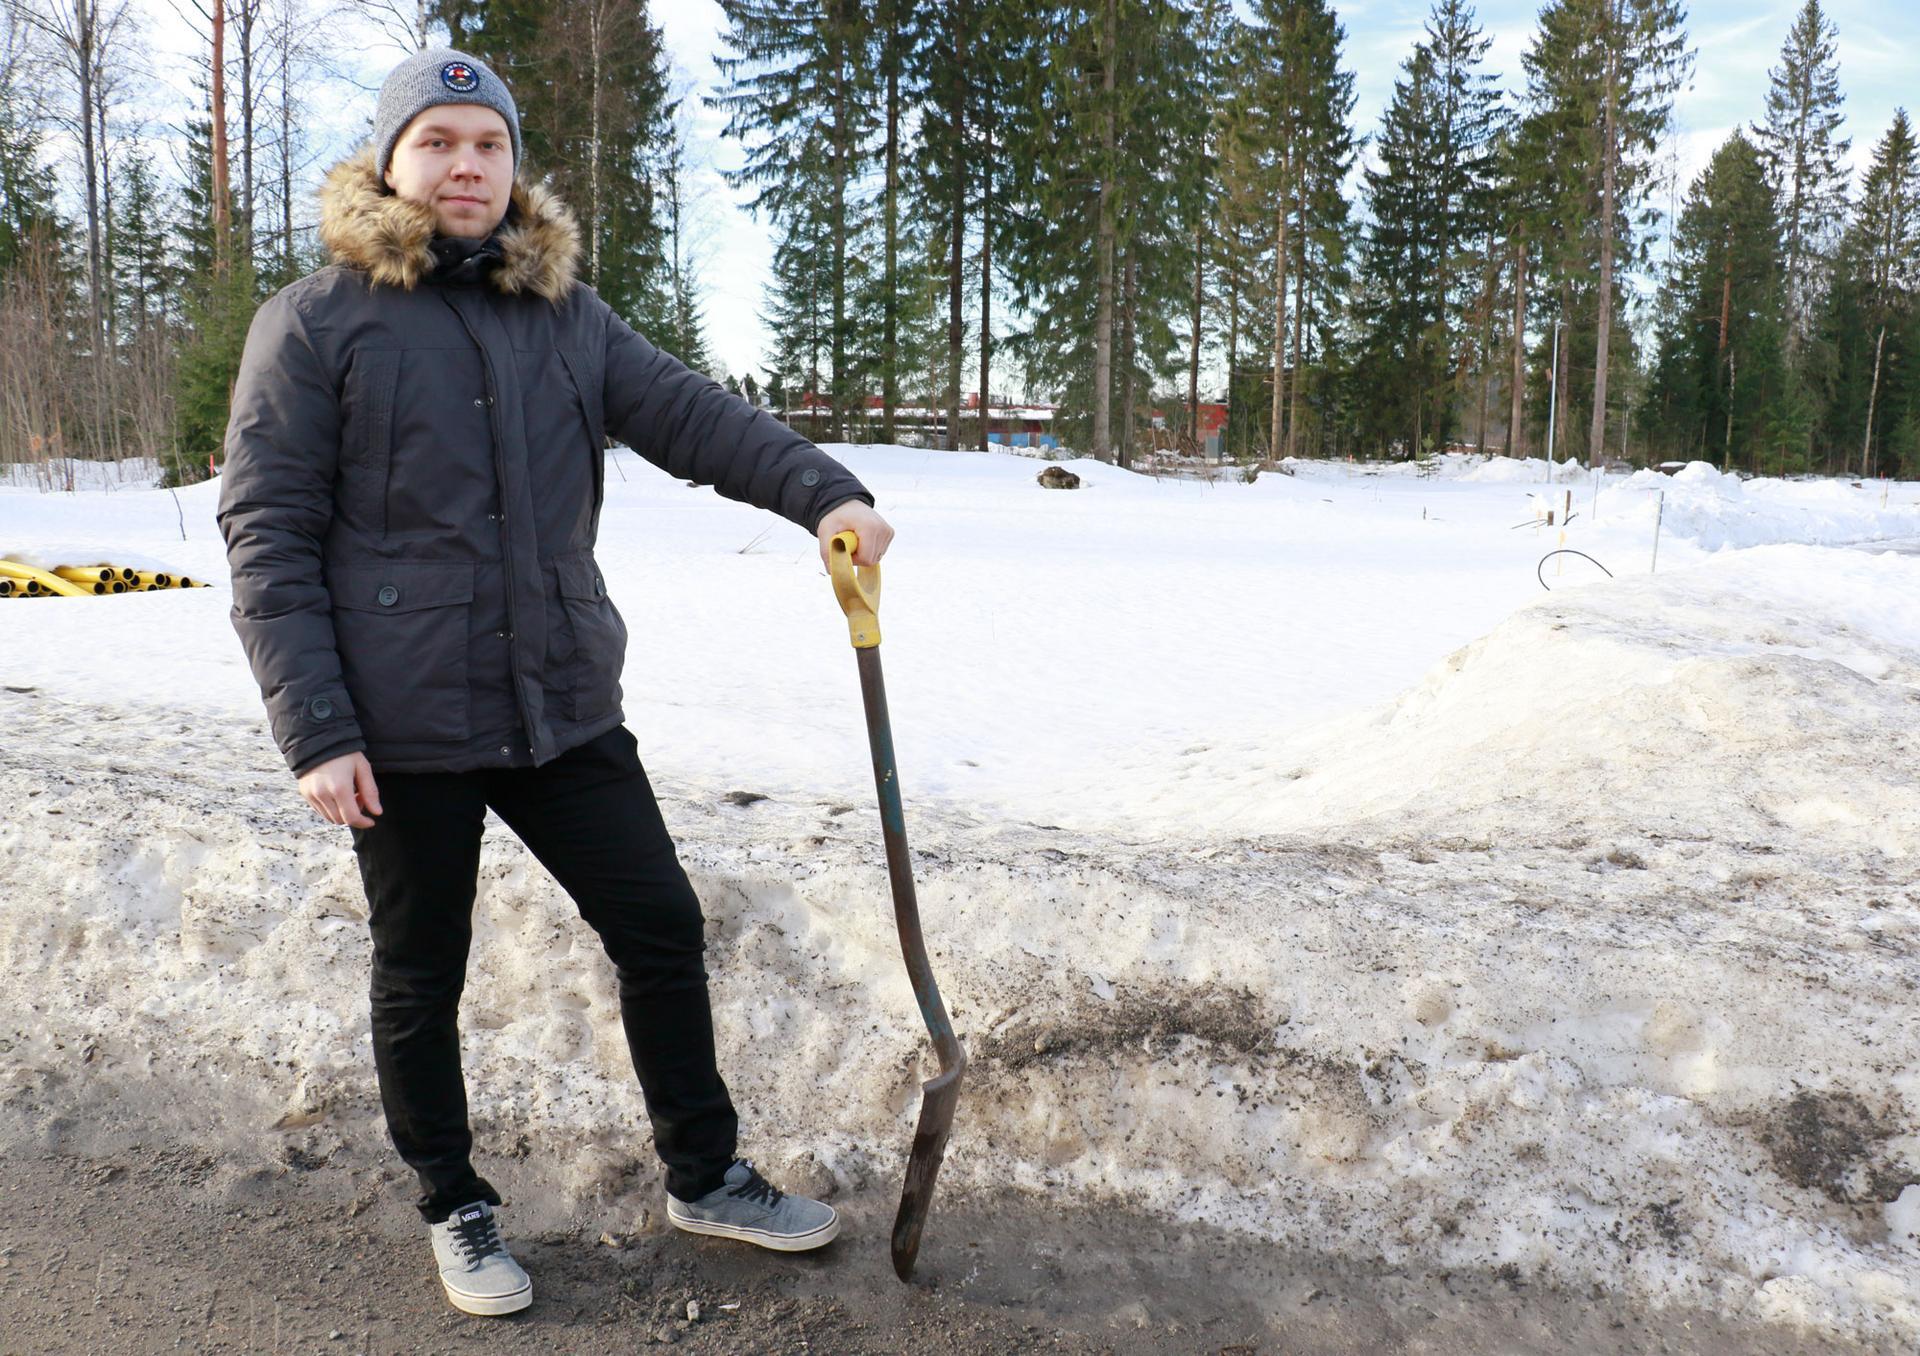 Mika Laajala ei aio ihan lähiaikoina heilua lapionvarressa tulevan kotinsa tontilla. Suunnitelmat hakevat vielä muotoaan, mutta tarkoituksena on saada lupa-asiat kuntoon ennen seuraavia lumia.